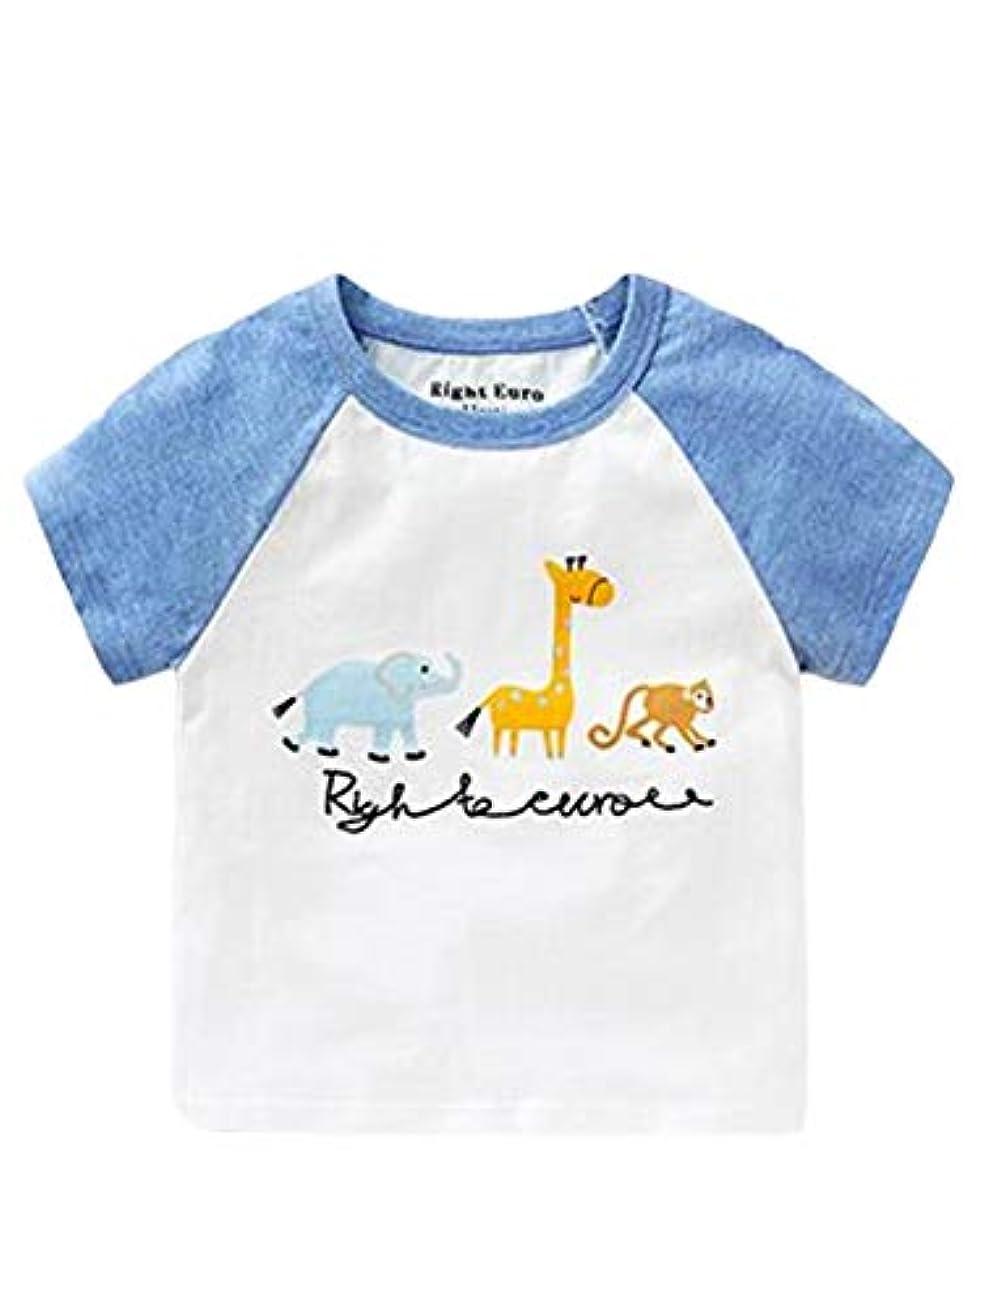 危機妊娠したベスト[ダーセン]ベビー服 子供服 Tシャツ 男の子 半袖 プリント 夏 可愛い パーティー 記念日 プレゼント 写真通りc 100